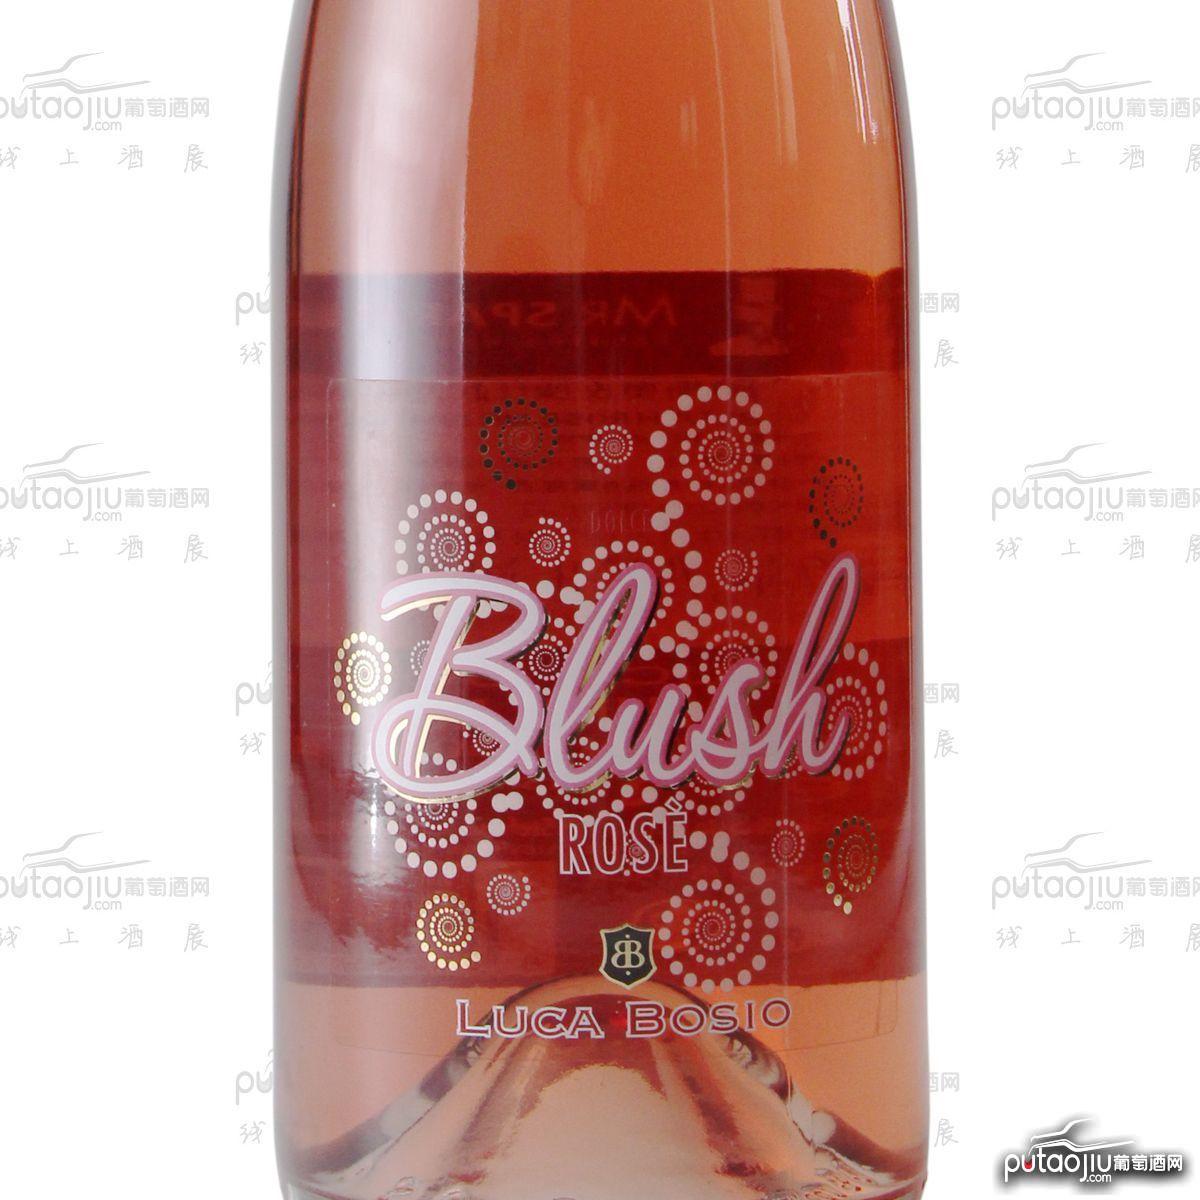 意大利皮埃蒙特博斯奥酒庄ROSIO S.R.L莫斯卡托玫瑰红起泡酒